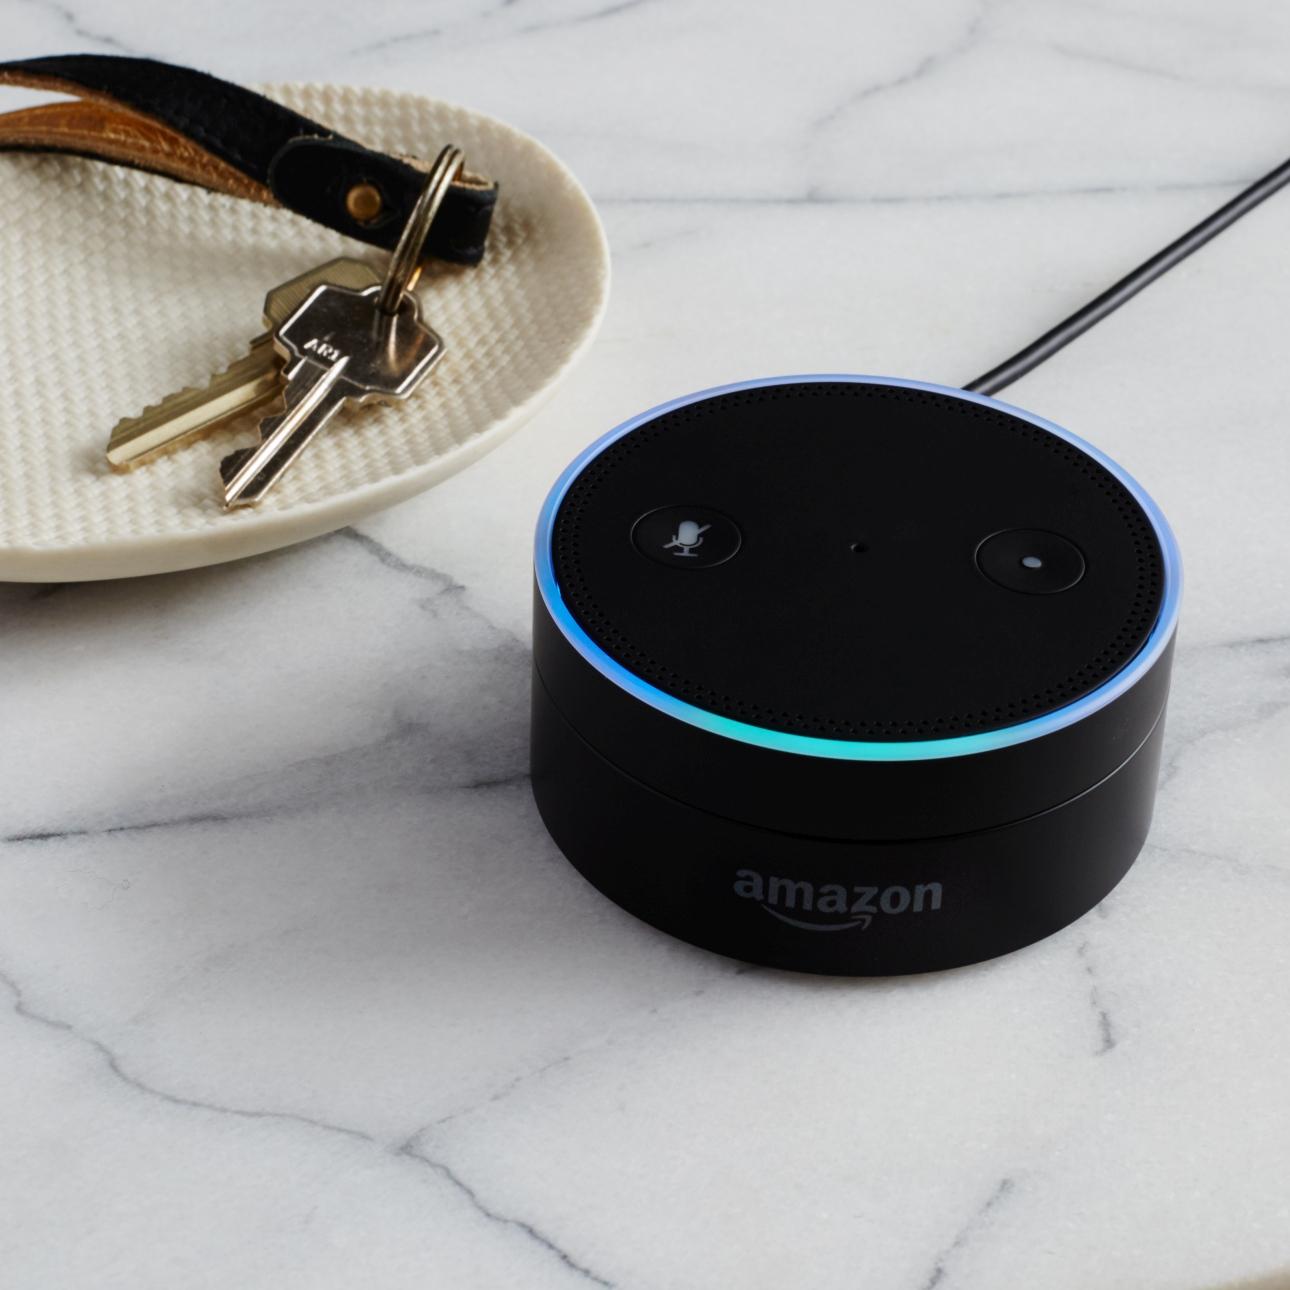 Amazon Echo Dot - gustowny gadżet do Twojego domu - fot. mat. pras.